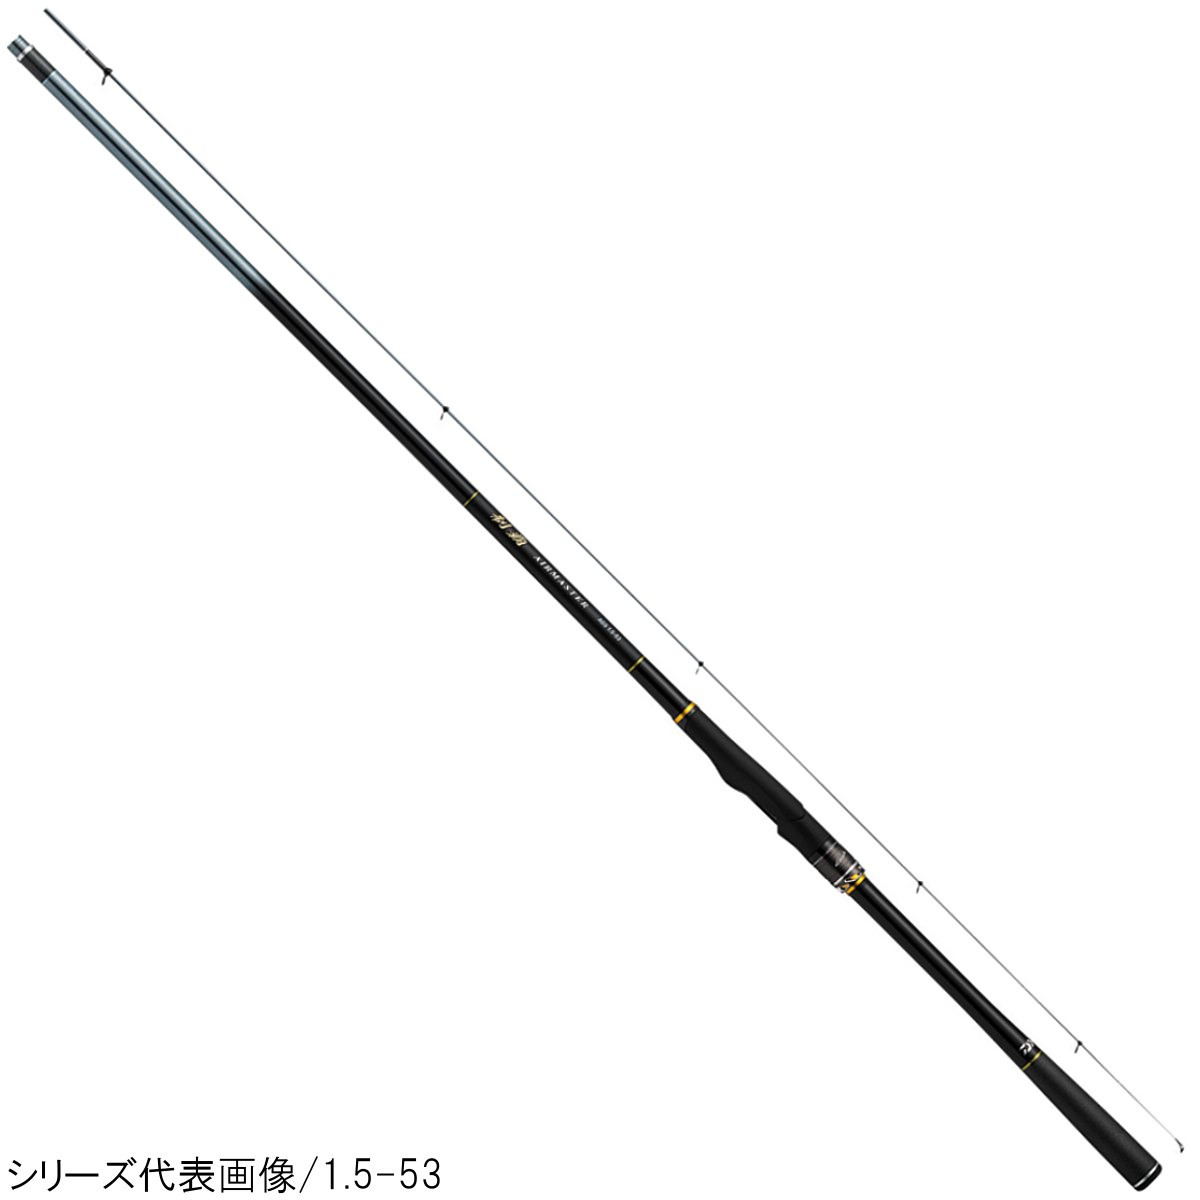 ダイワ 制覇エアマスター AGS 1.25-50